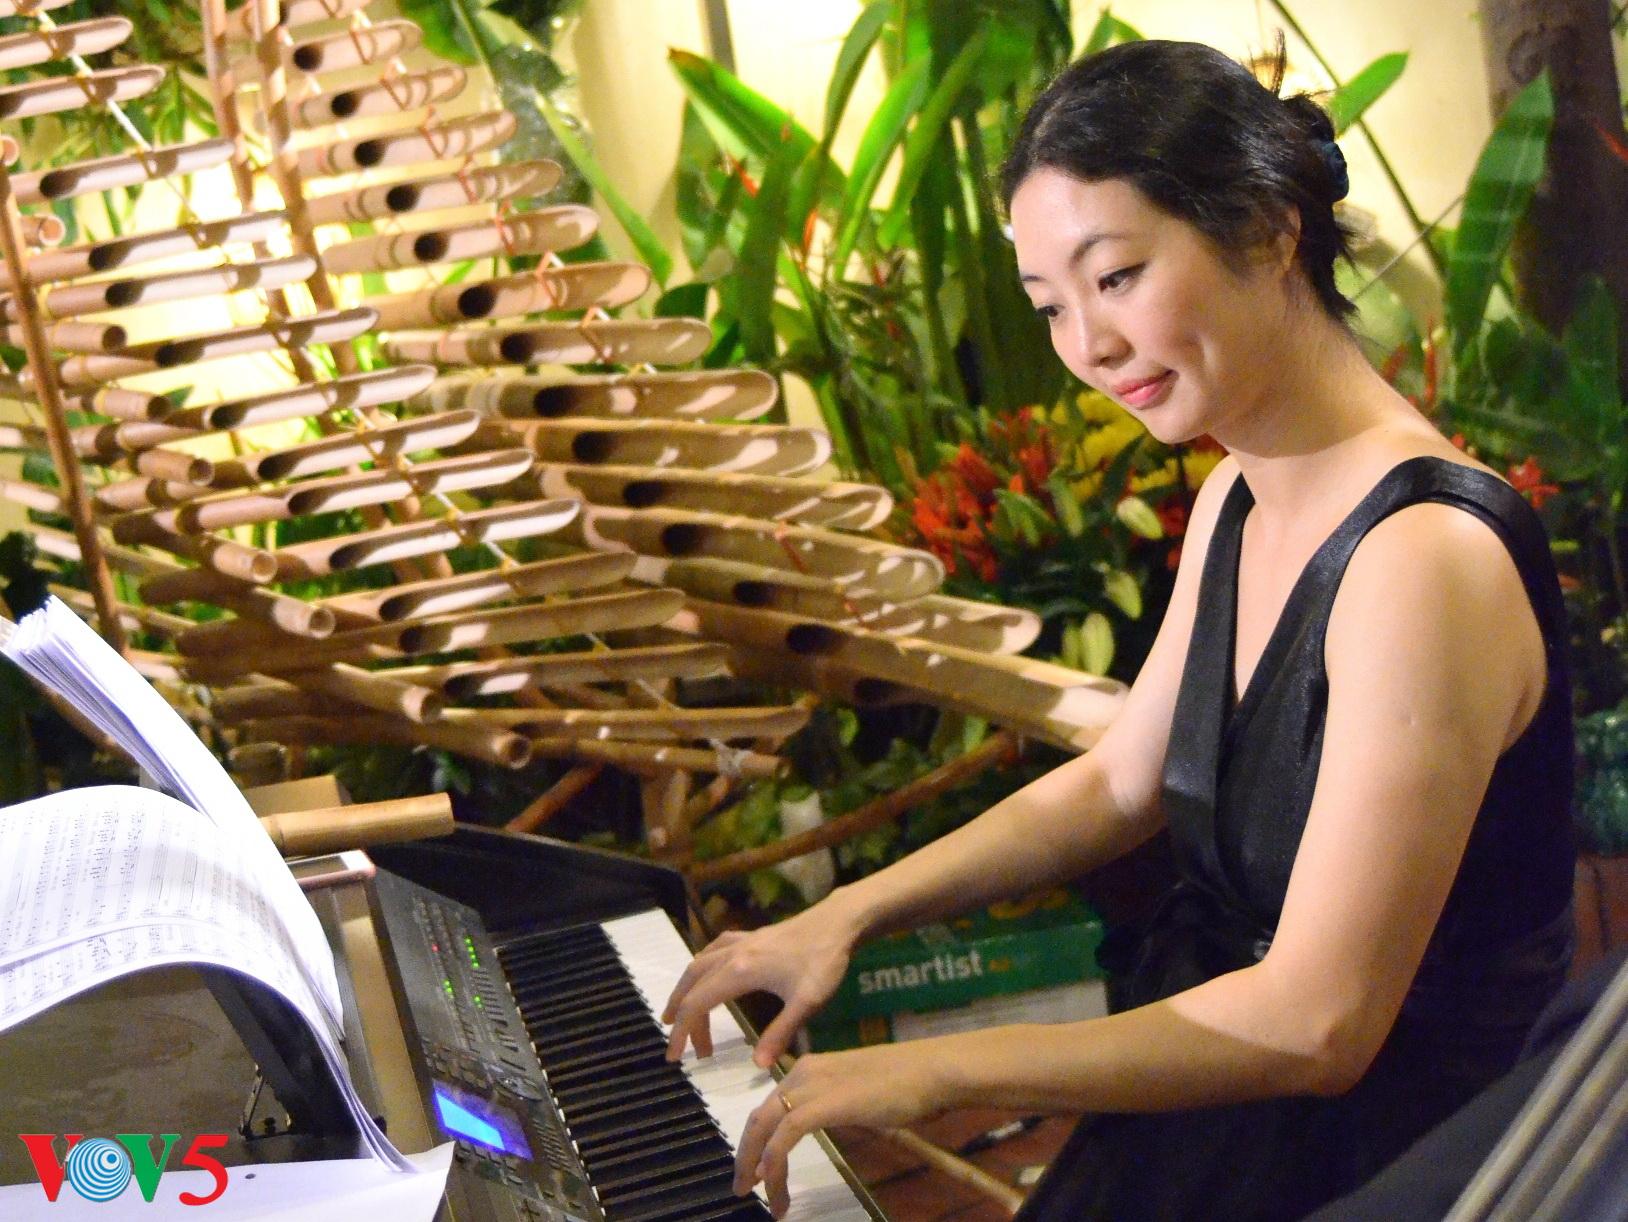 竹制乐器弹奏圣诞歌 hinh 4